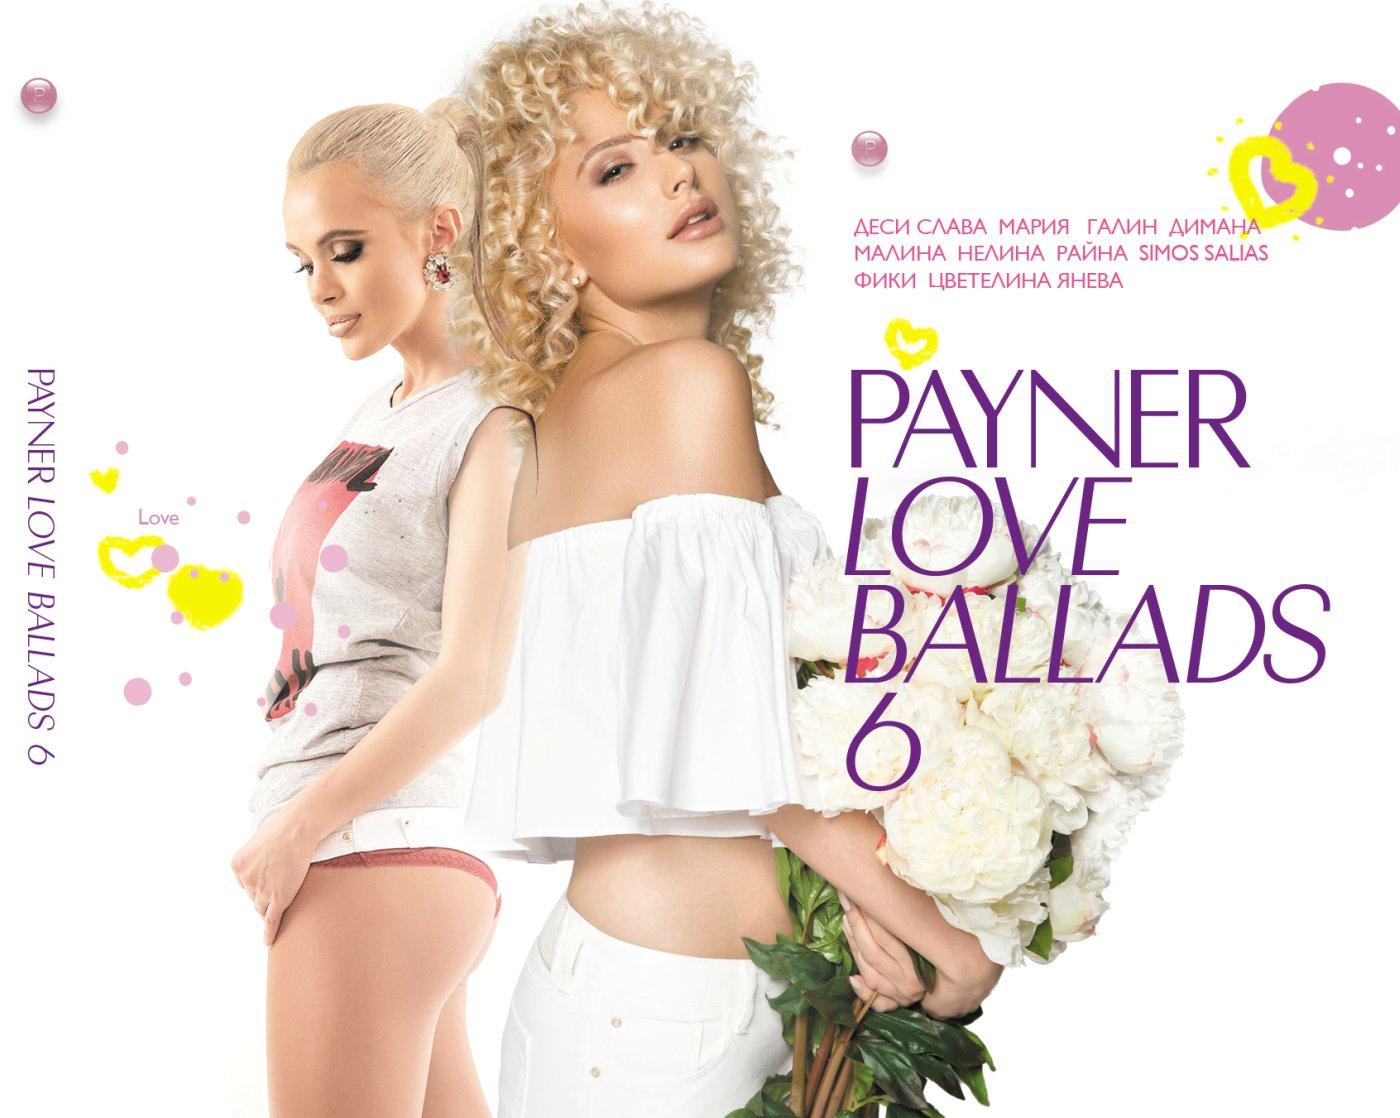 """Нова колекция любовни балади от """"Пайнер"""""""